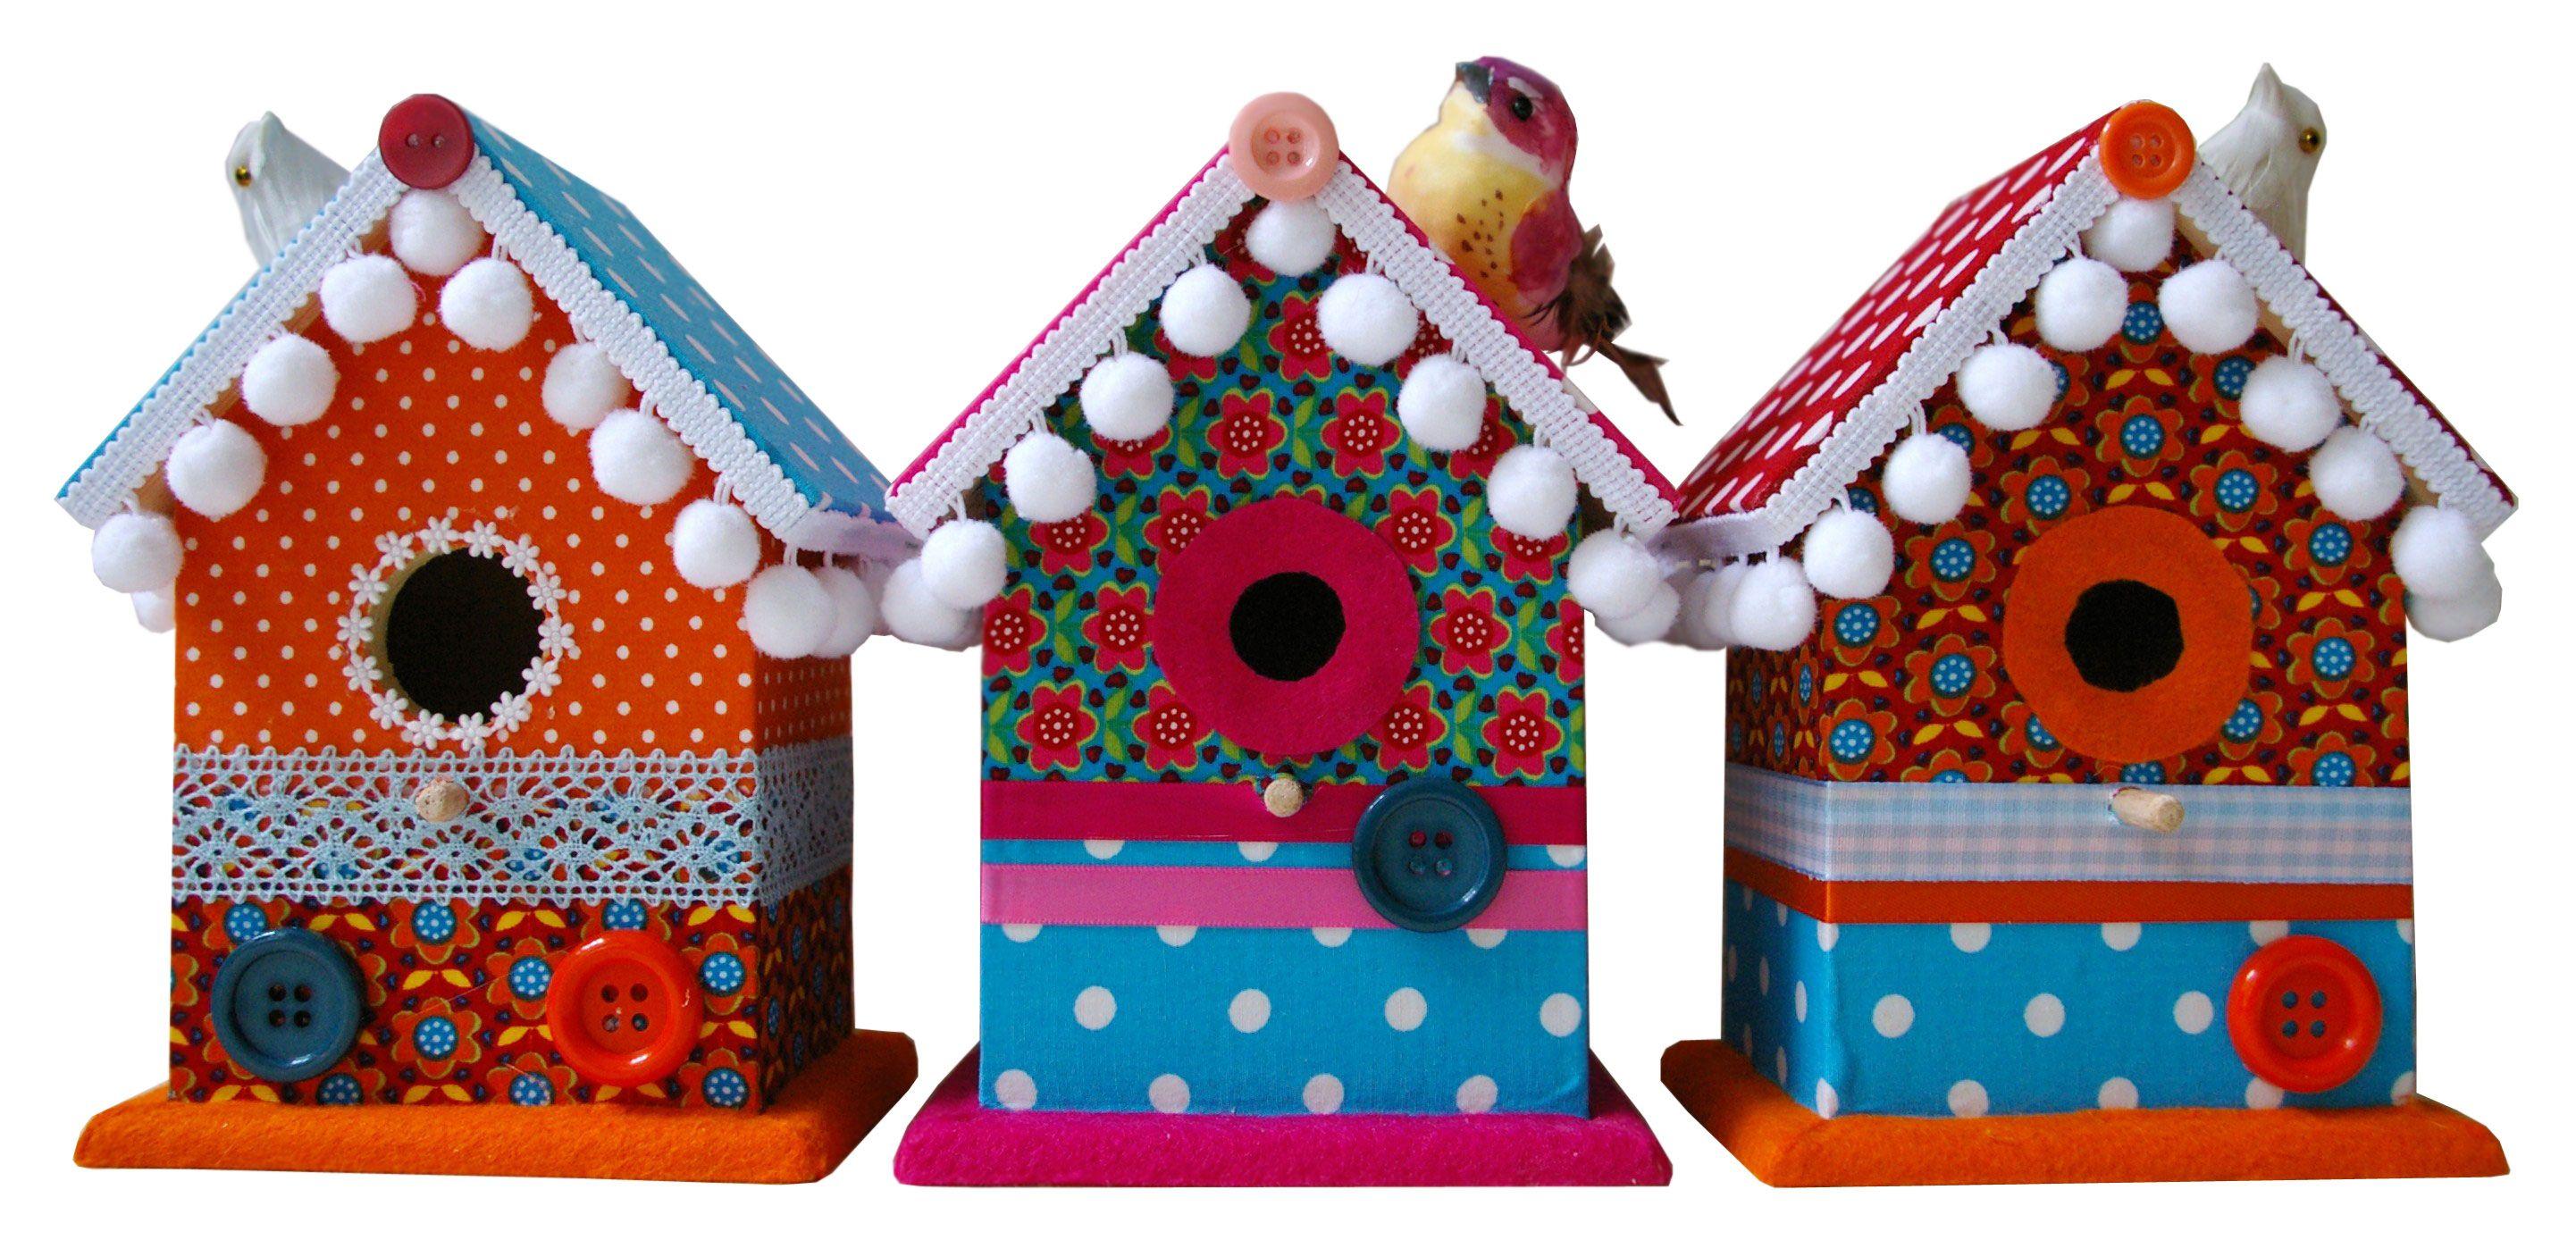 Sprookjesachtig mooi zijn ze, de schattige en kleurrijke vogelhuisjes van @Yvonne Beeris @Yvonne Beeris @MOEPA . Fijn om te geven én te krijgen. #cadeautip #hetlandvanooit  http://www.hetlandvanooit.be